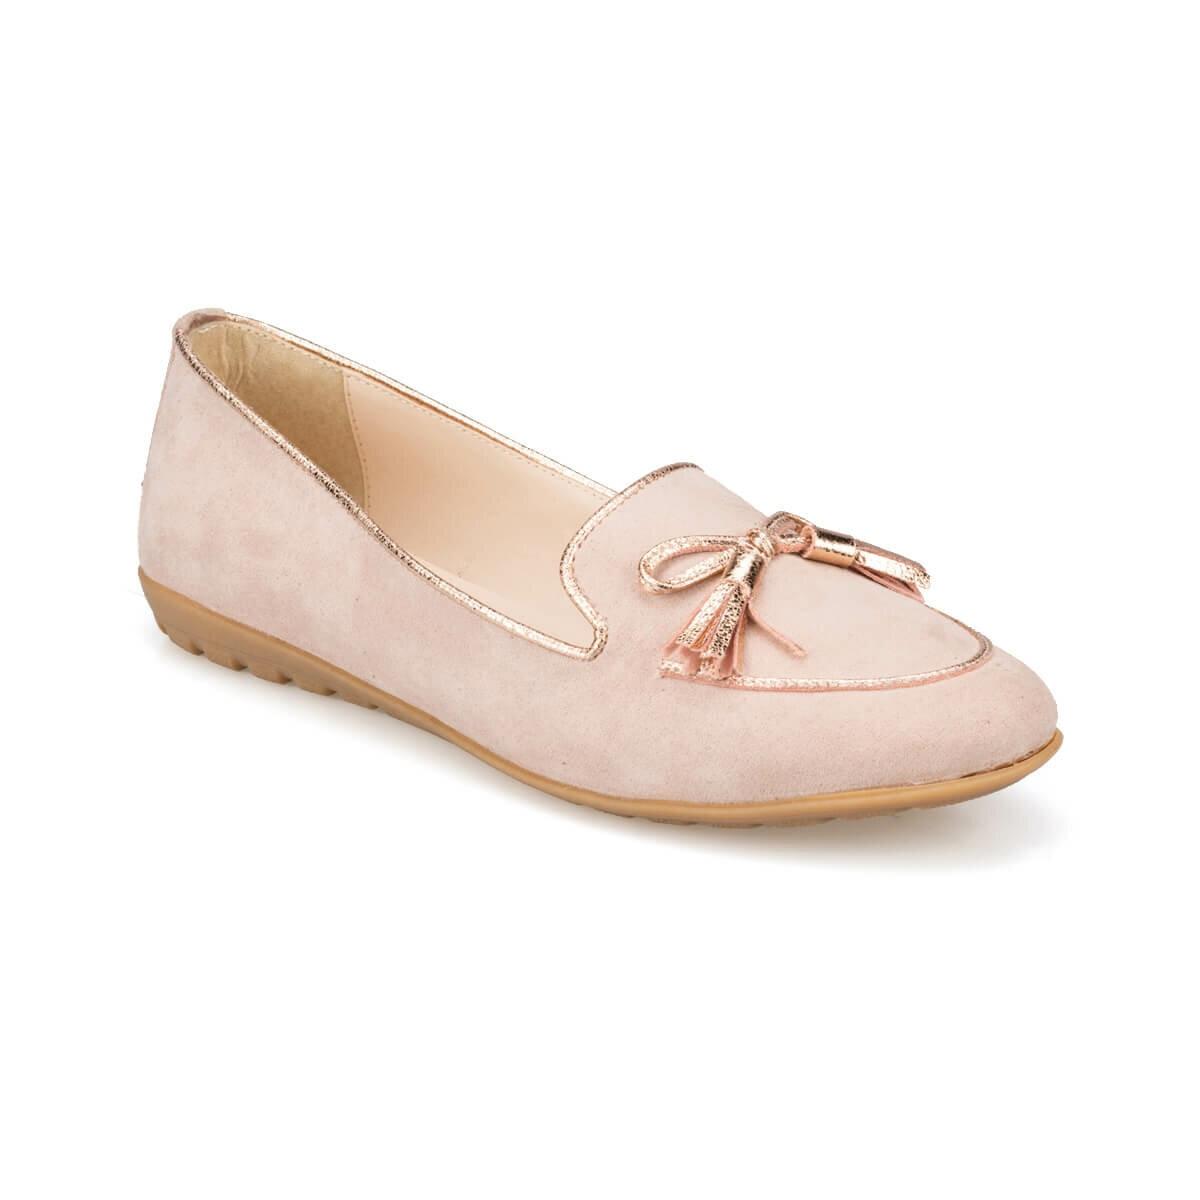 Flo 91.313056. z em pó sapatos femininos loafer polaris